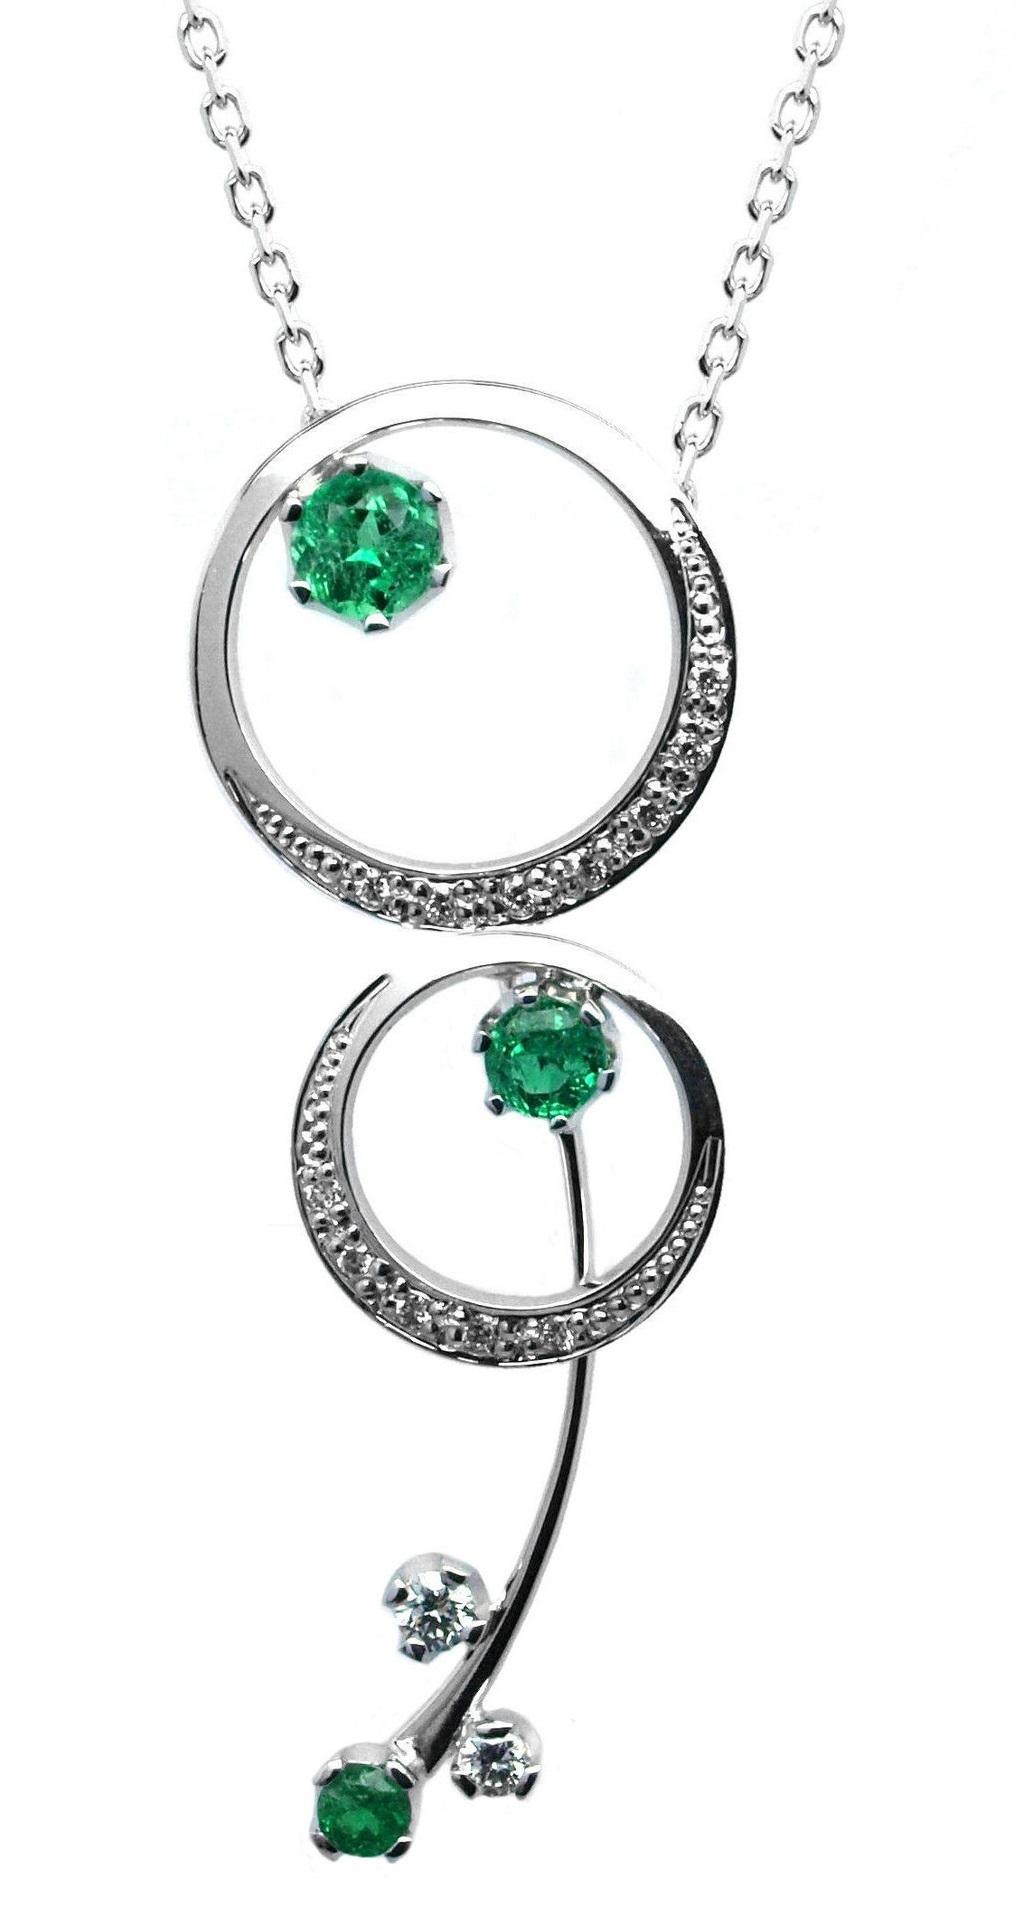 178599cb6 Ručně vyrobený náhrdelník z bílého zlata se smaragdem a diamanty J-29527-17